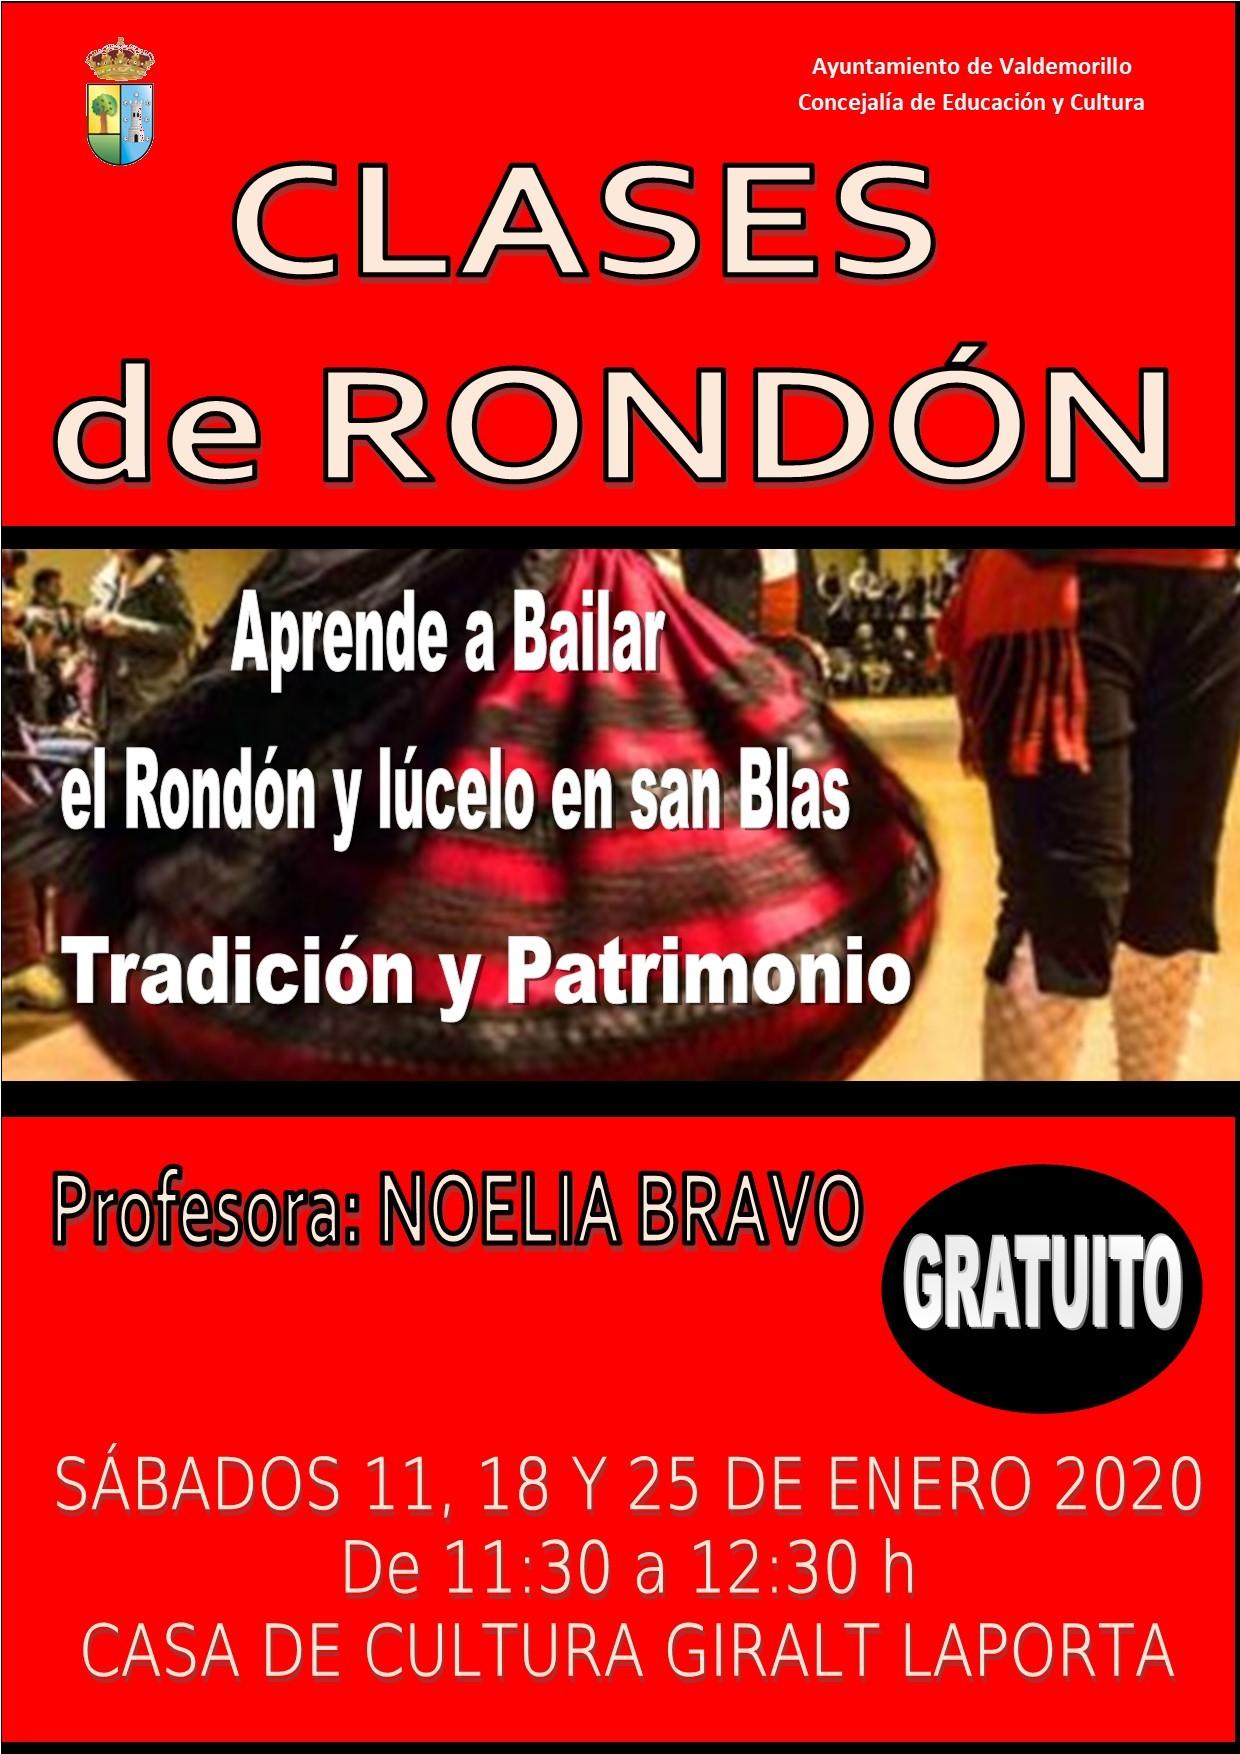 Los sábados 11,18 y 25 de enero,  clases de rondón en la Giralt Laporta  para no perder el paso, aprender la tradición y lucirla por San Blas